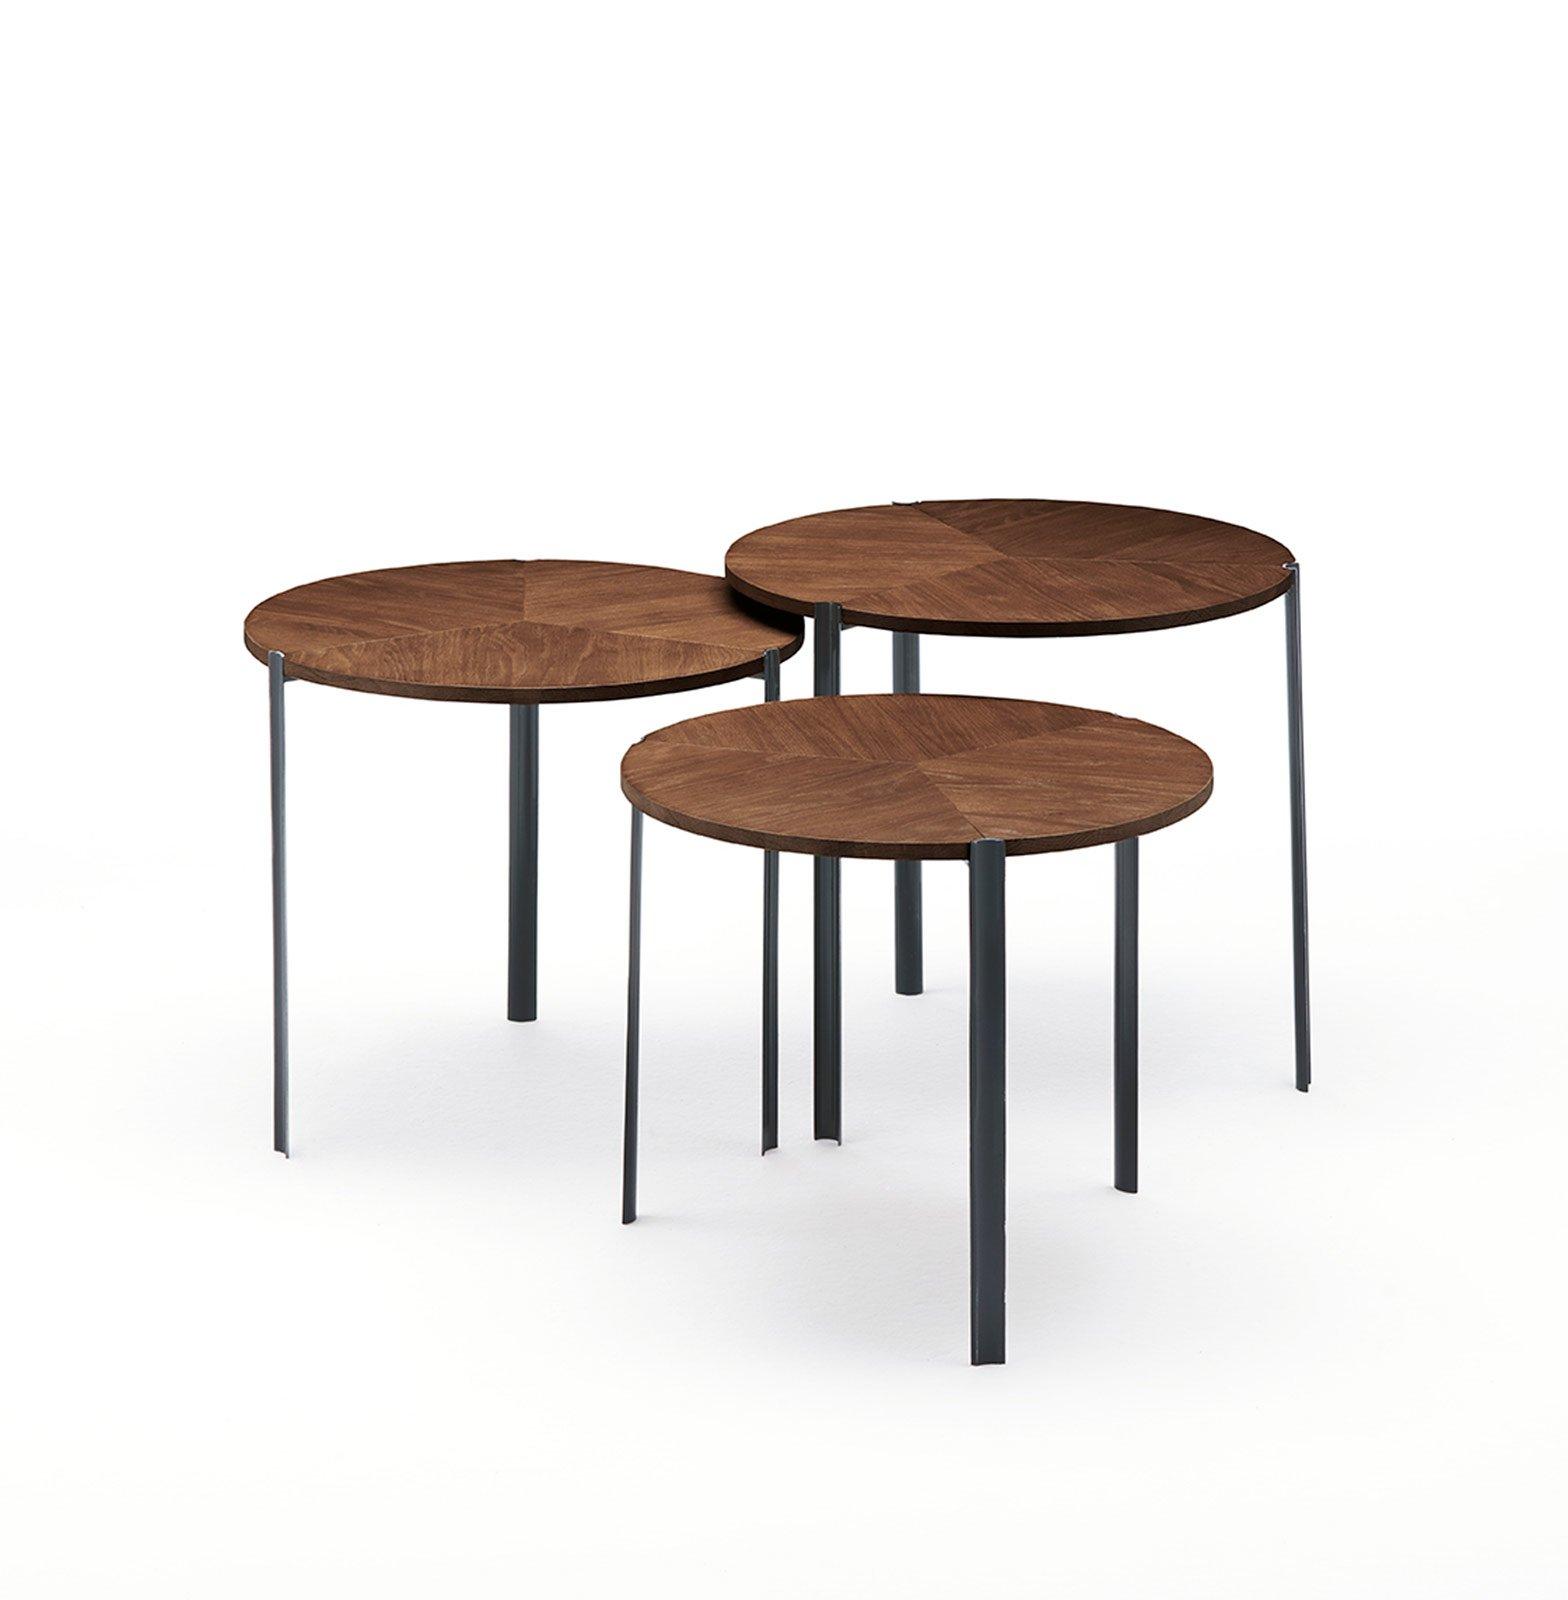 Tavolini per il soggiorno tendenze dal salone del mobile for Piani di casa con spazi di vita all aperto